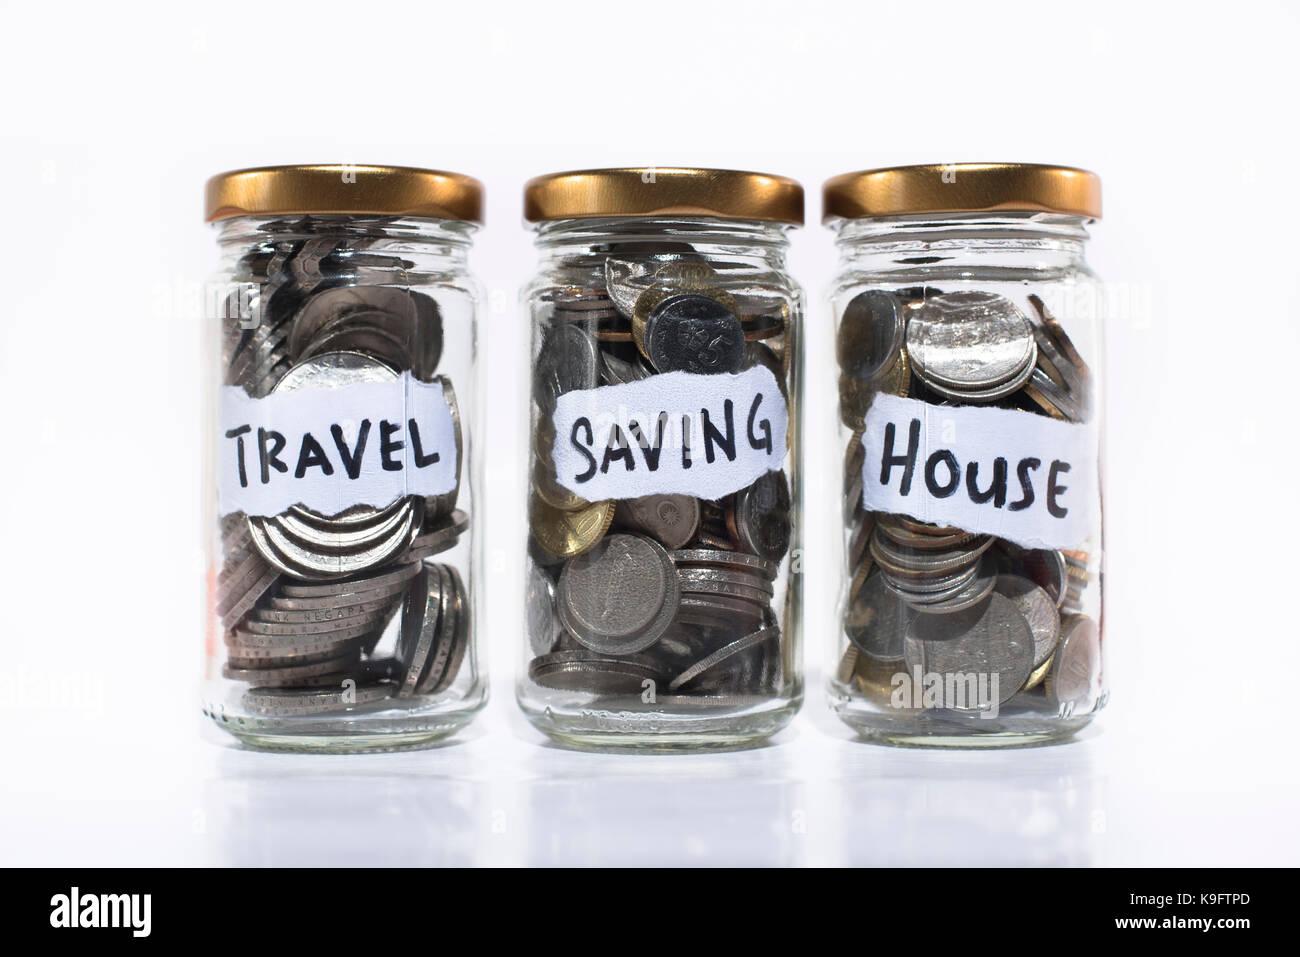 Münzen in einem Glas auf weißem Hintergrund. speichern. Speichern für Reisen, Zukunft und Home/Haus Stockbild